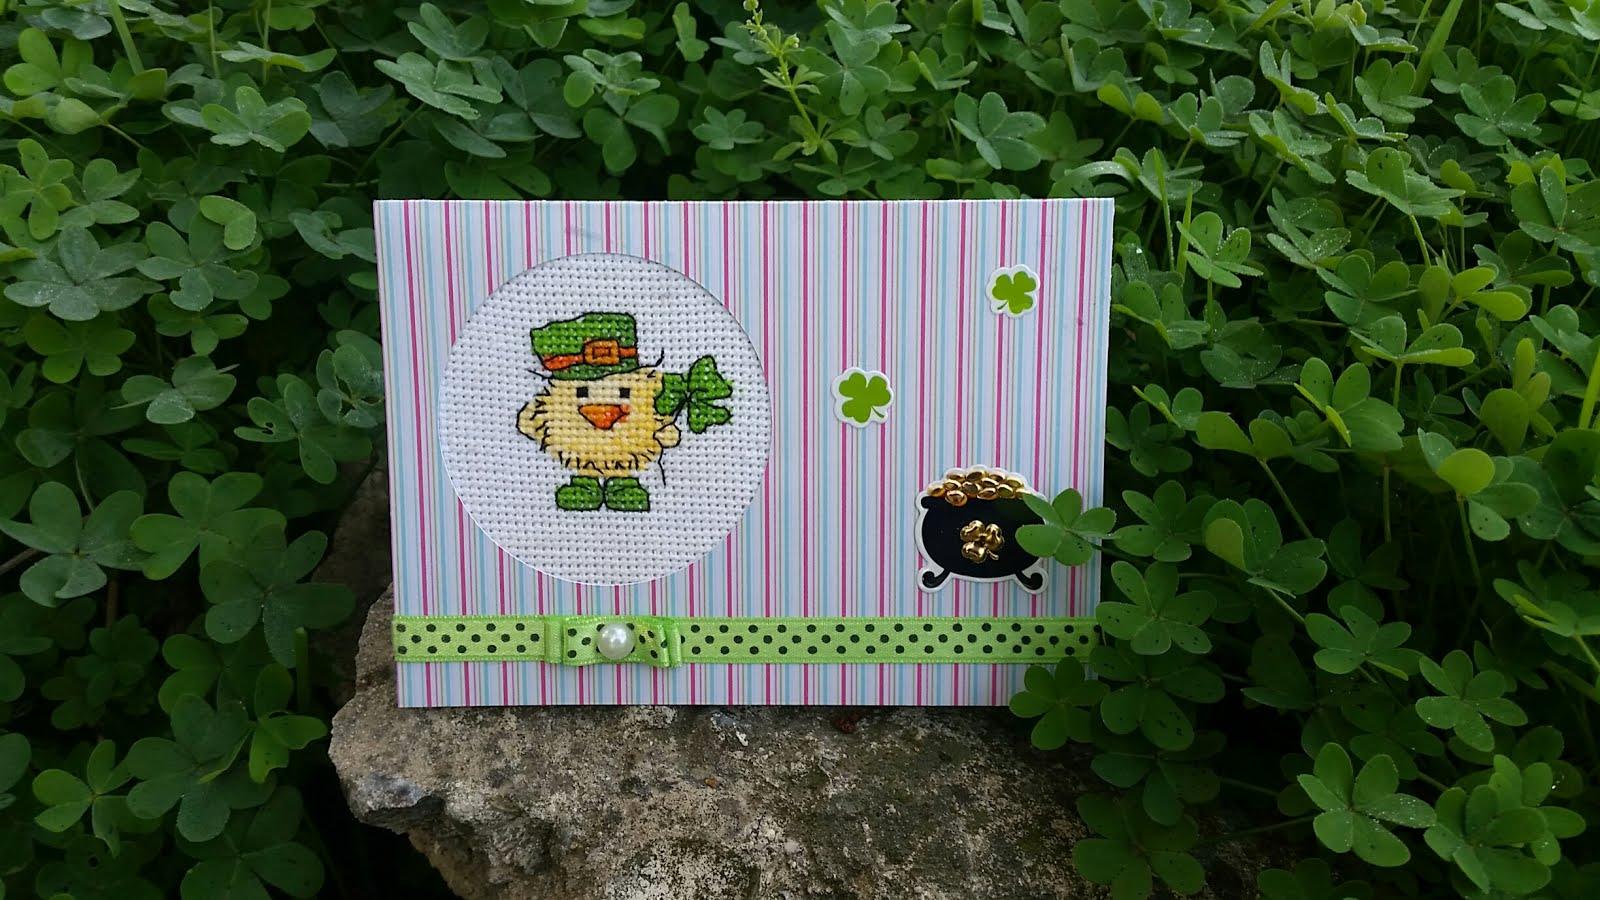 Моя открытка, теперь Наташина). открыточный обмен с Наташей ко дню св Патрика